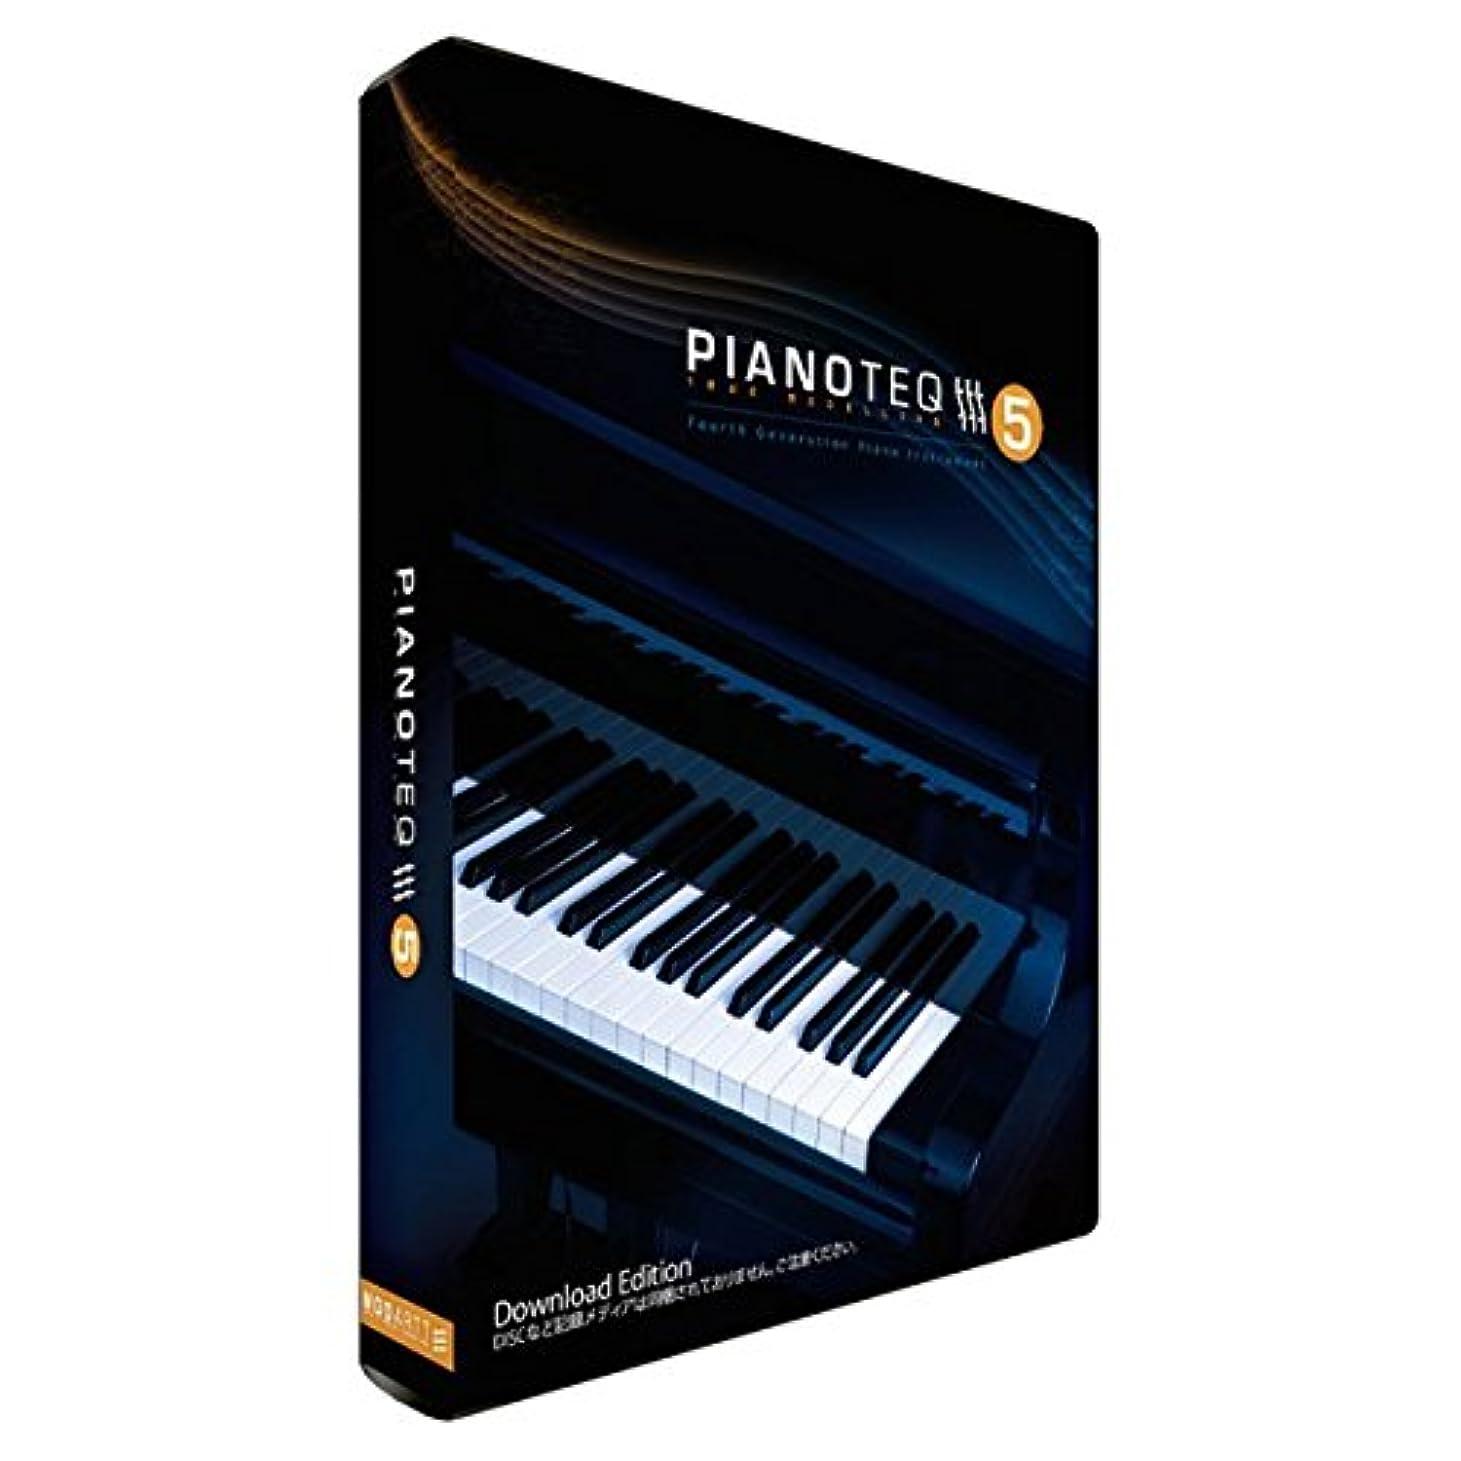 アトラス怠感啓発するMODARTT PIANOTEQ 5 Standard ピアノ音源 プラグインソフト フィジカルモデリング (モダート) 国内正規品